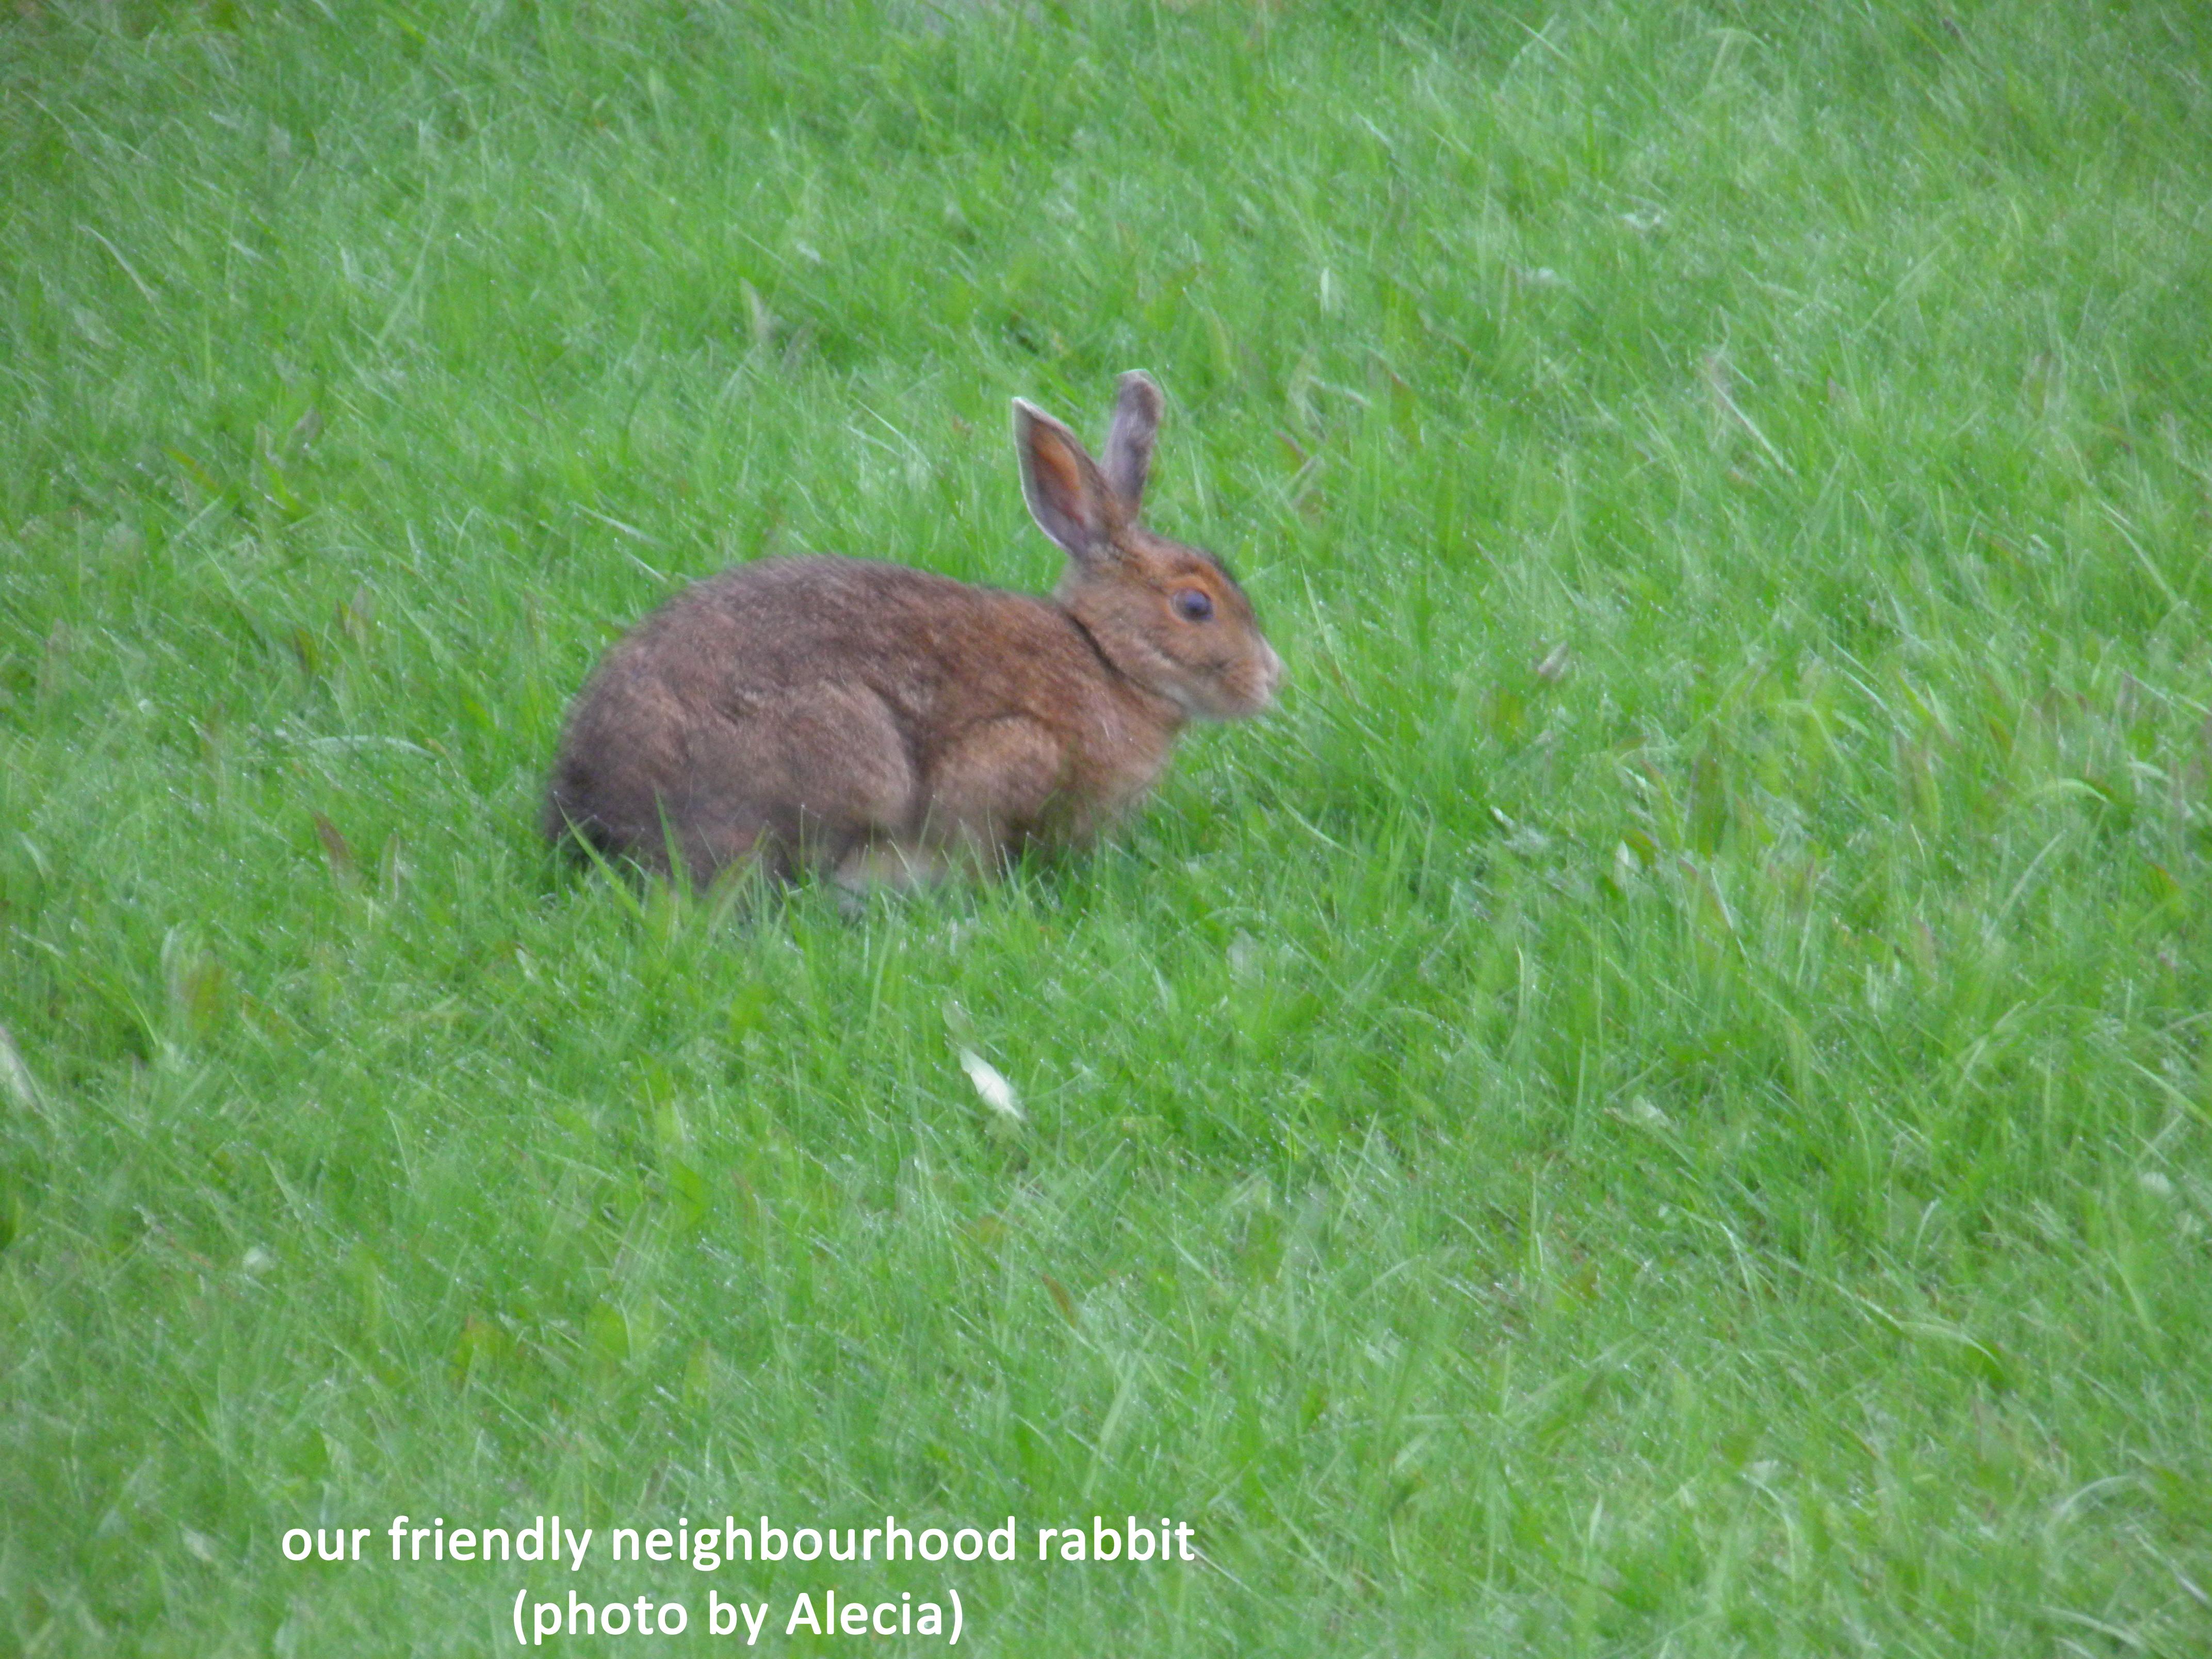 Our friendly neighbourhood rabbit